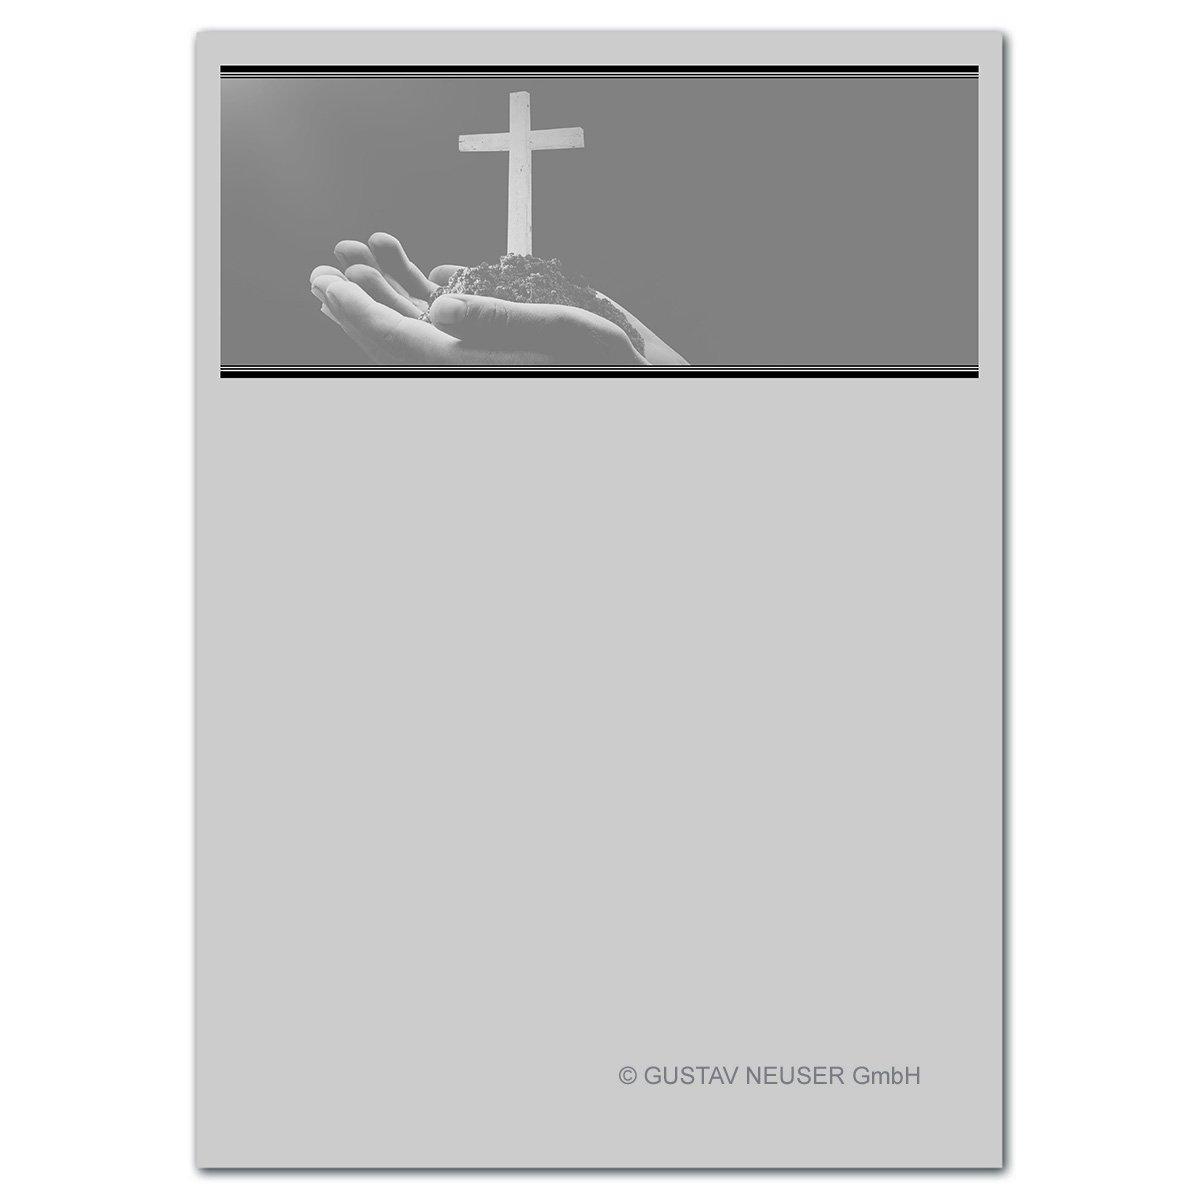 300 Stück Trauerpapier DIN A4 Trauer-Briefpapier    Serie  Heinrich - offene Hände mit Kreuz    22 x 11 cm    90 g m²    für Drucker geeignet  B07BFWHVFN   Deutschland Store